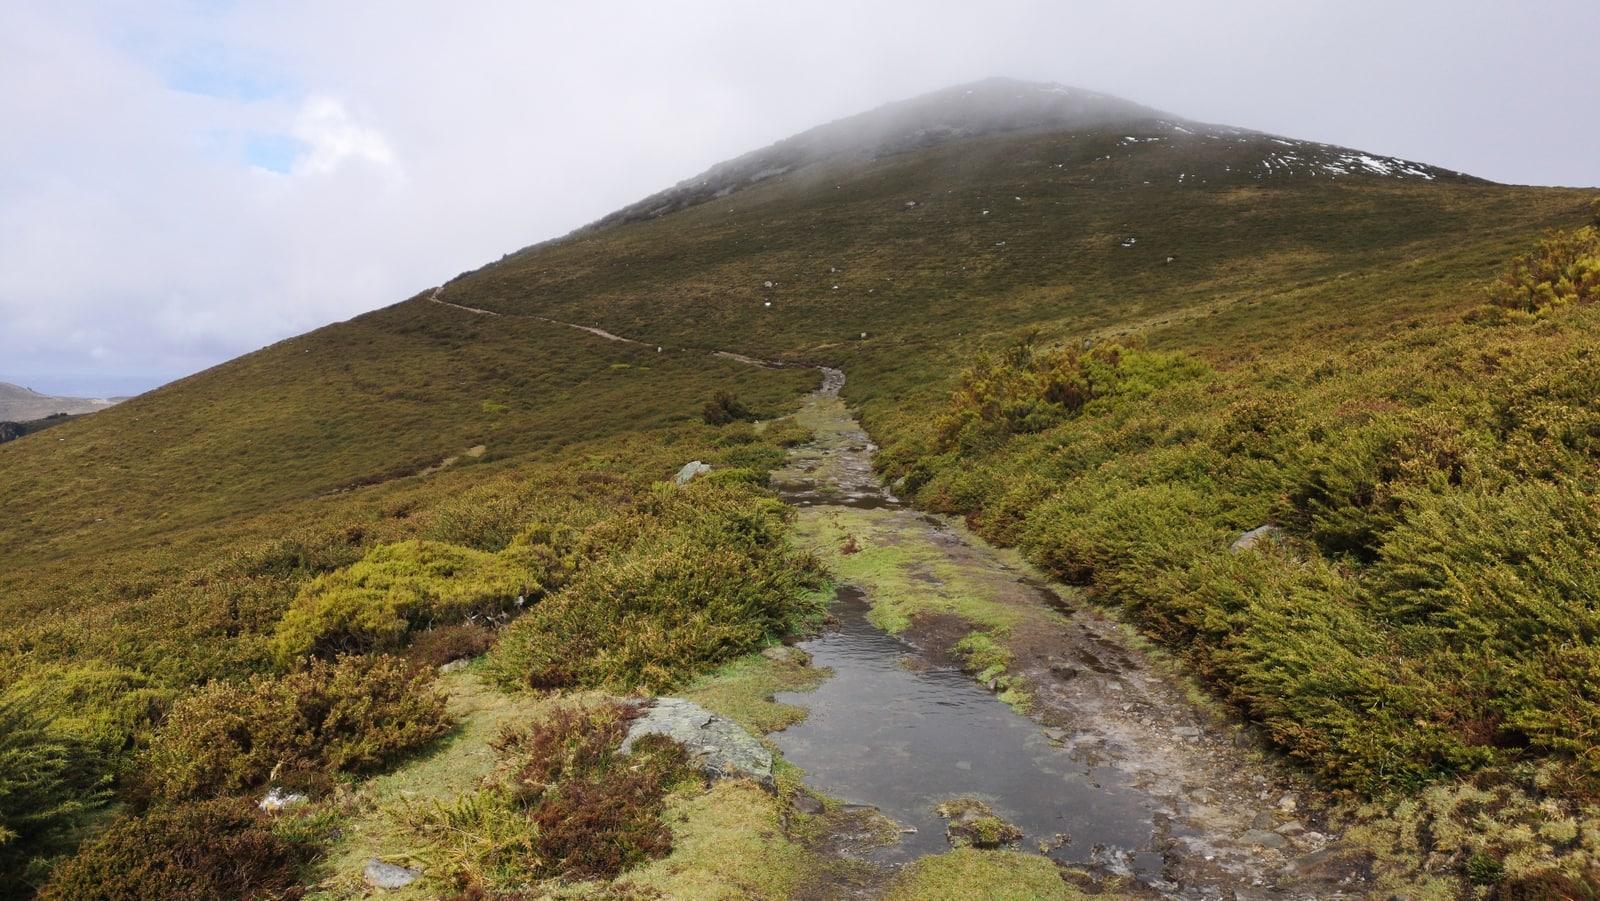 Beim Aufstieg Camino Primitivo zieht der Himmel zu